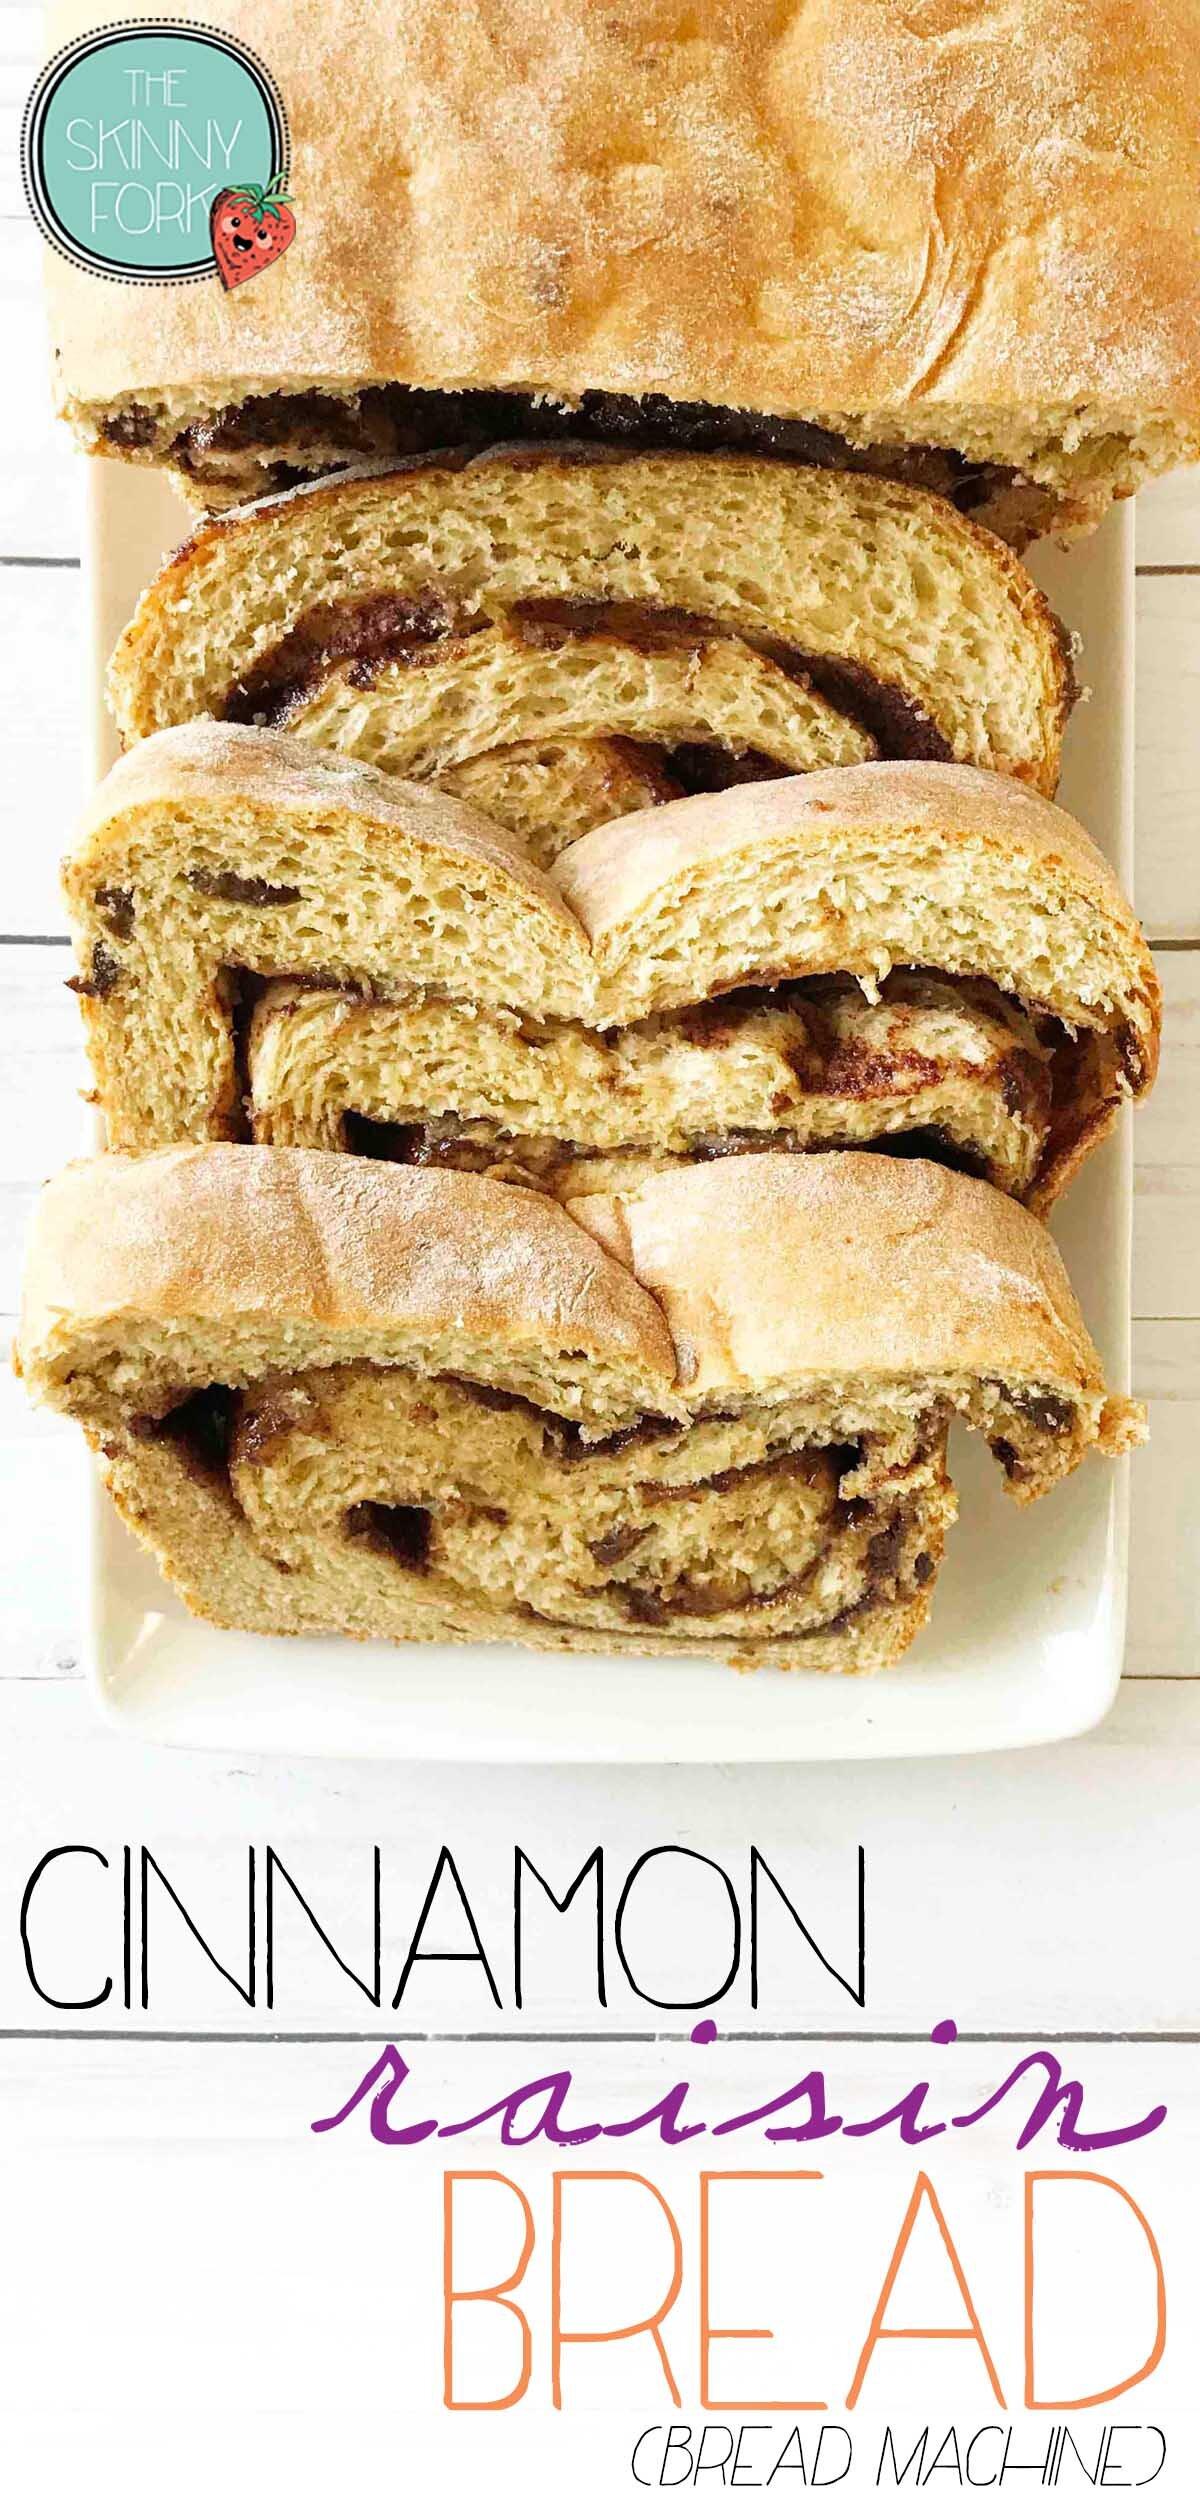 Cinnamon Raisin Bread (Bread Machine)